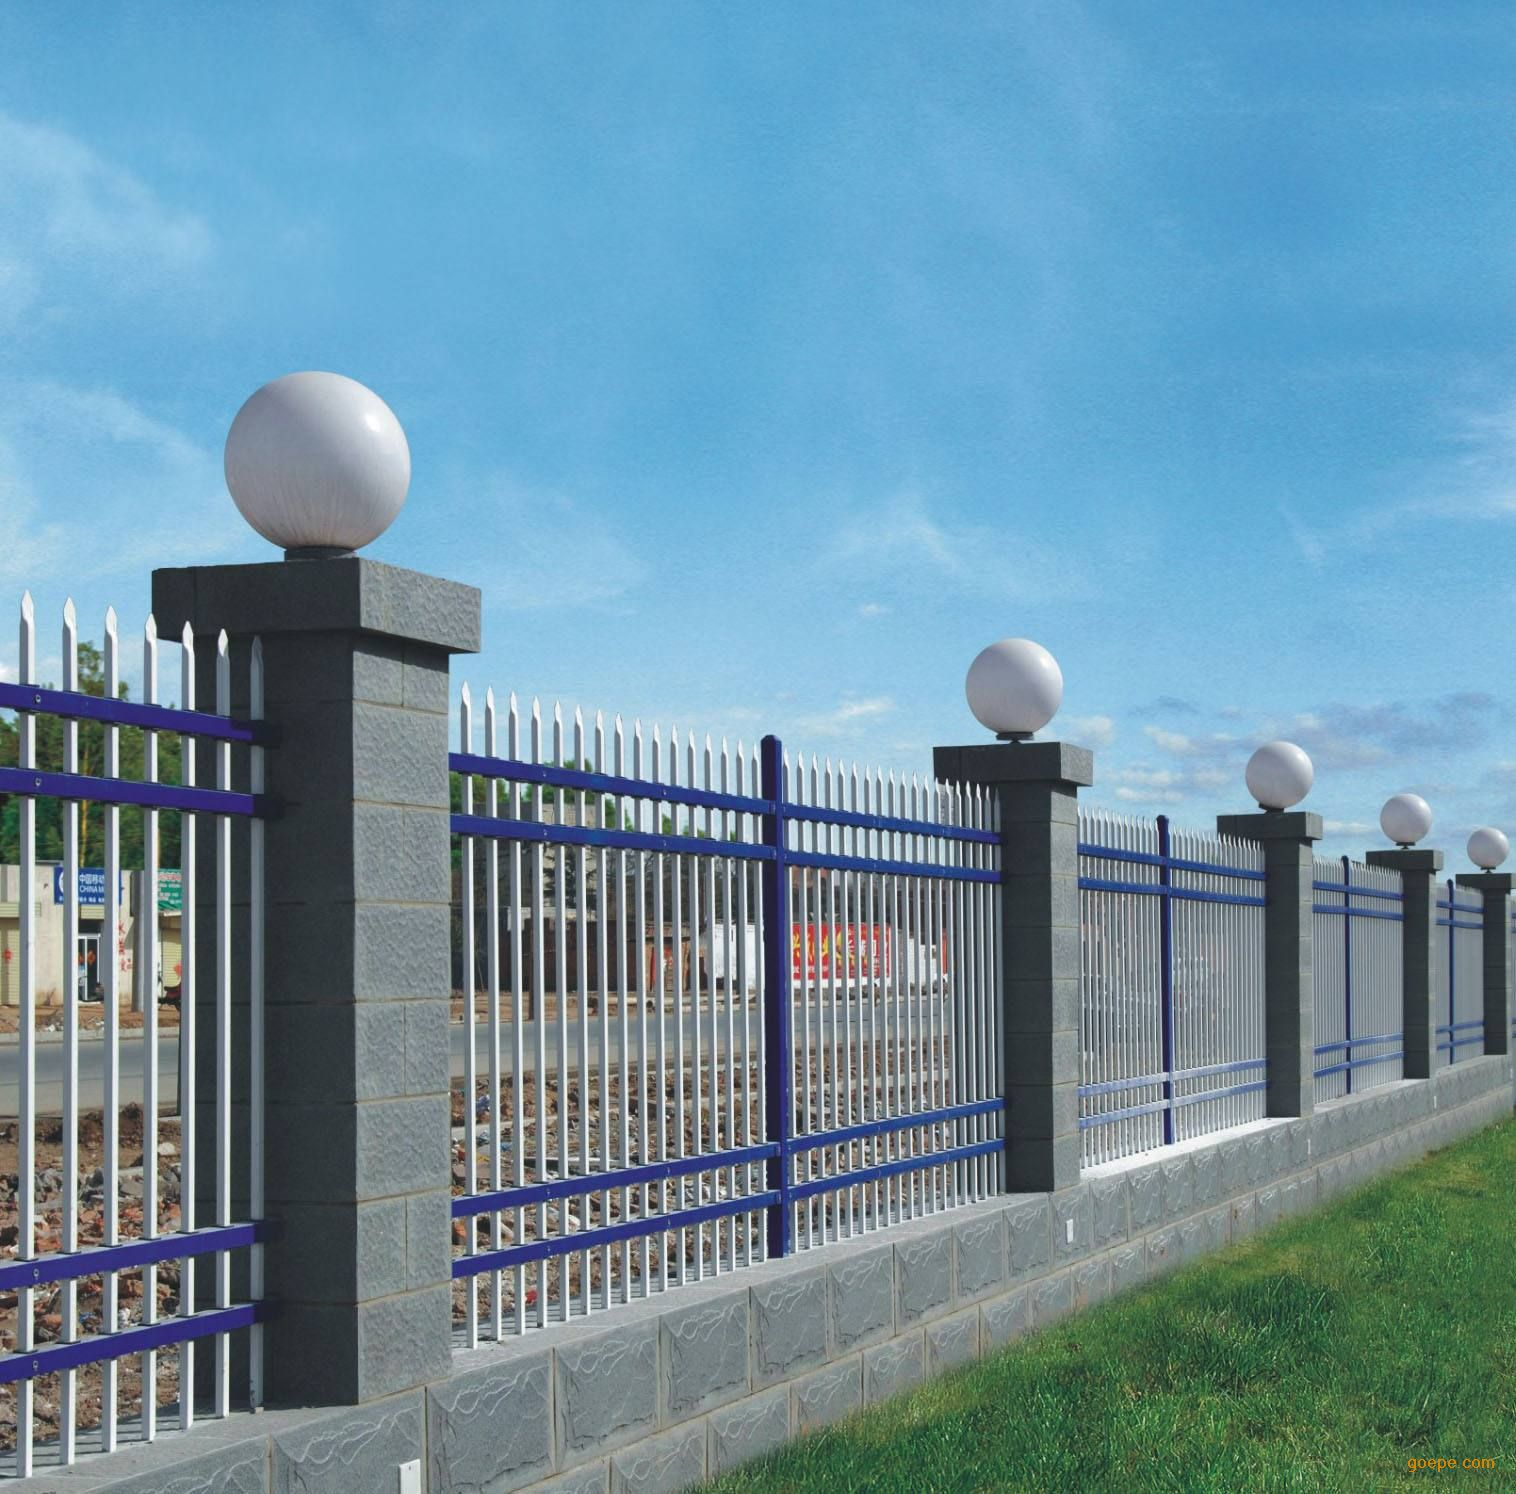 产品展示 锌钢围栏                    材料:方管 ;规格:40*51*1 ;孔